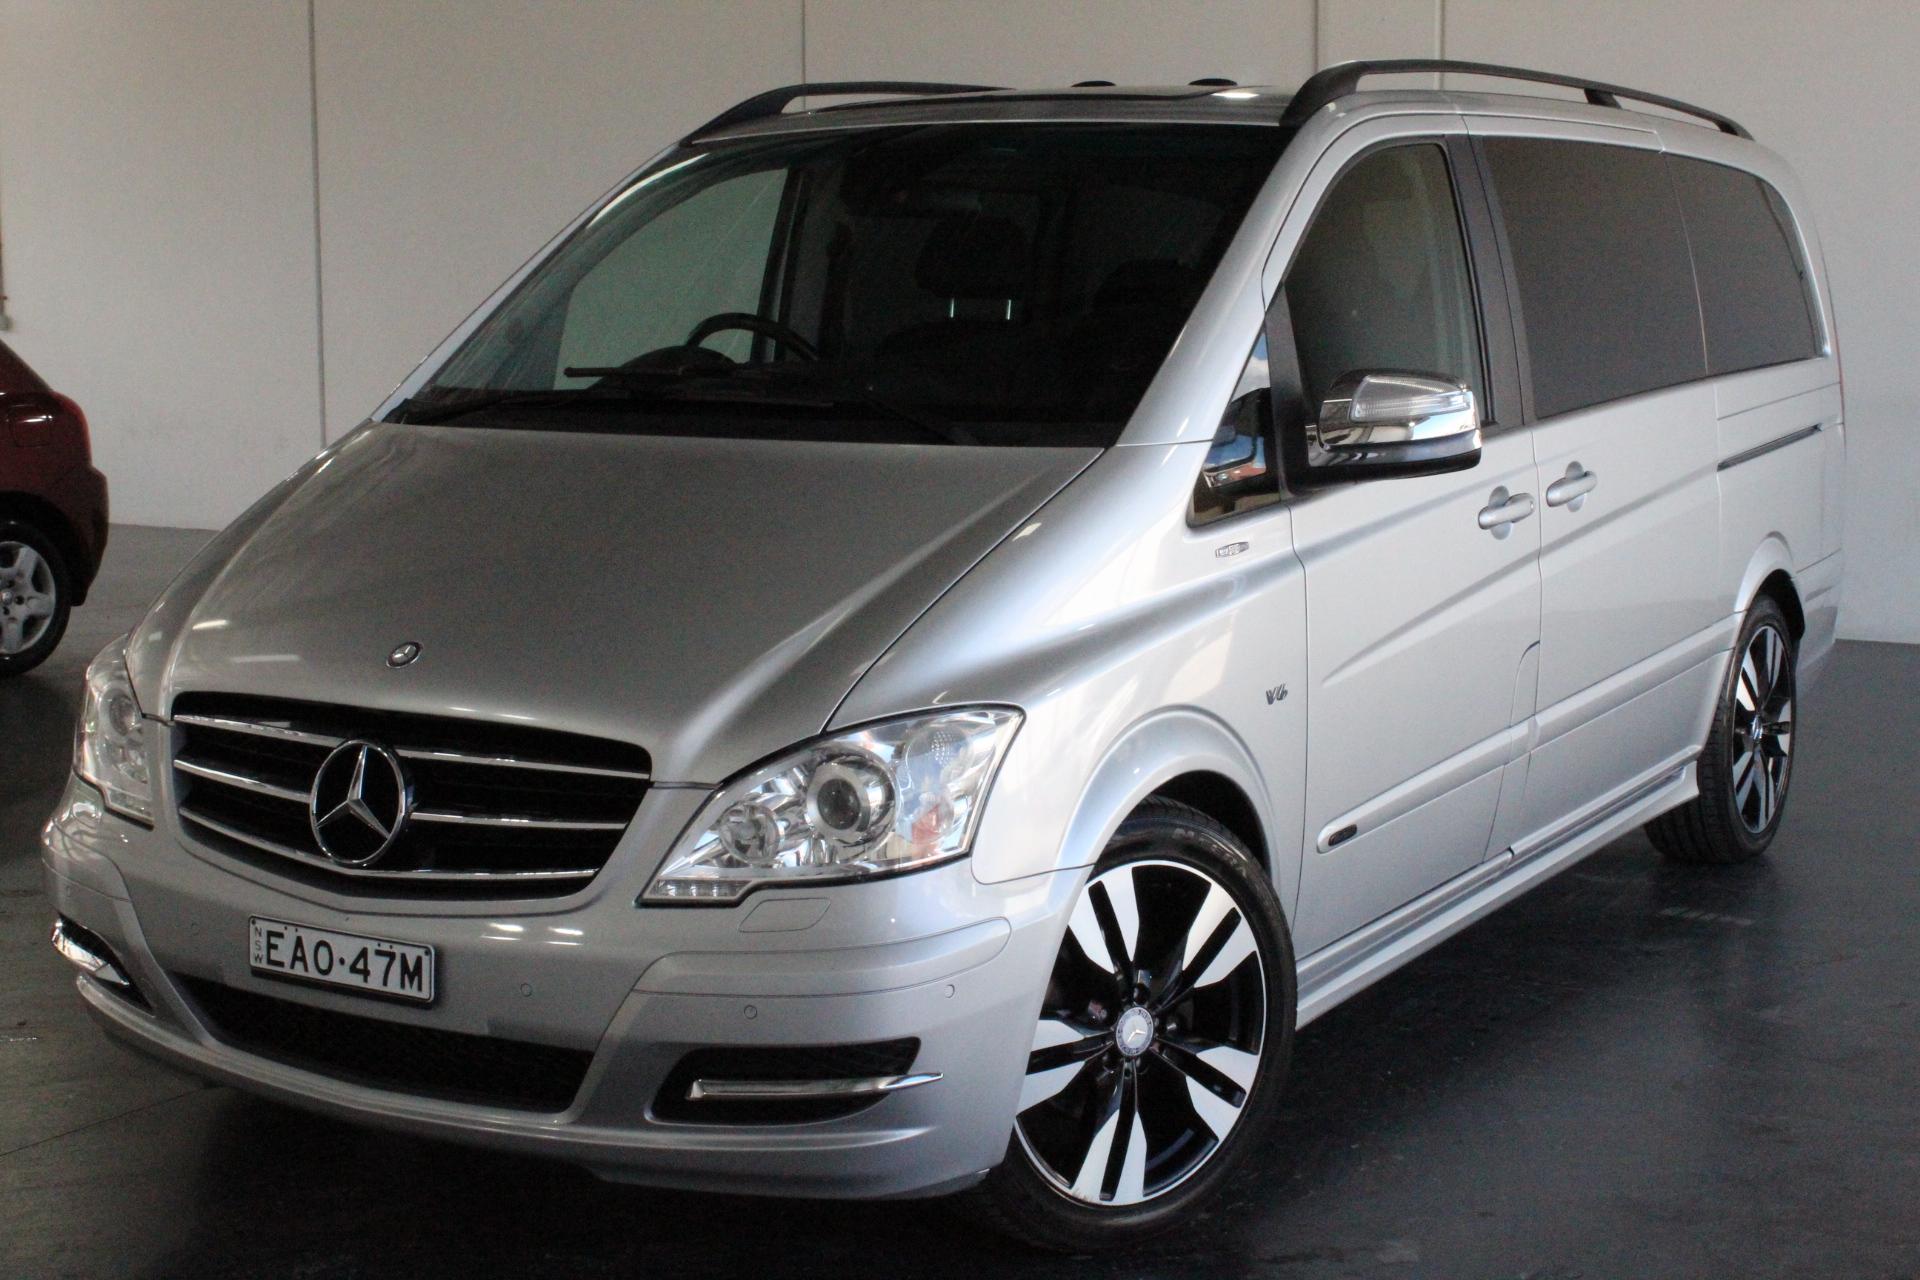 2013 Mercedes Benz Viano Avantgarde CDI30 Grand Edition 8 Seats Van